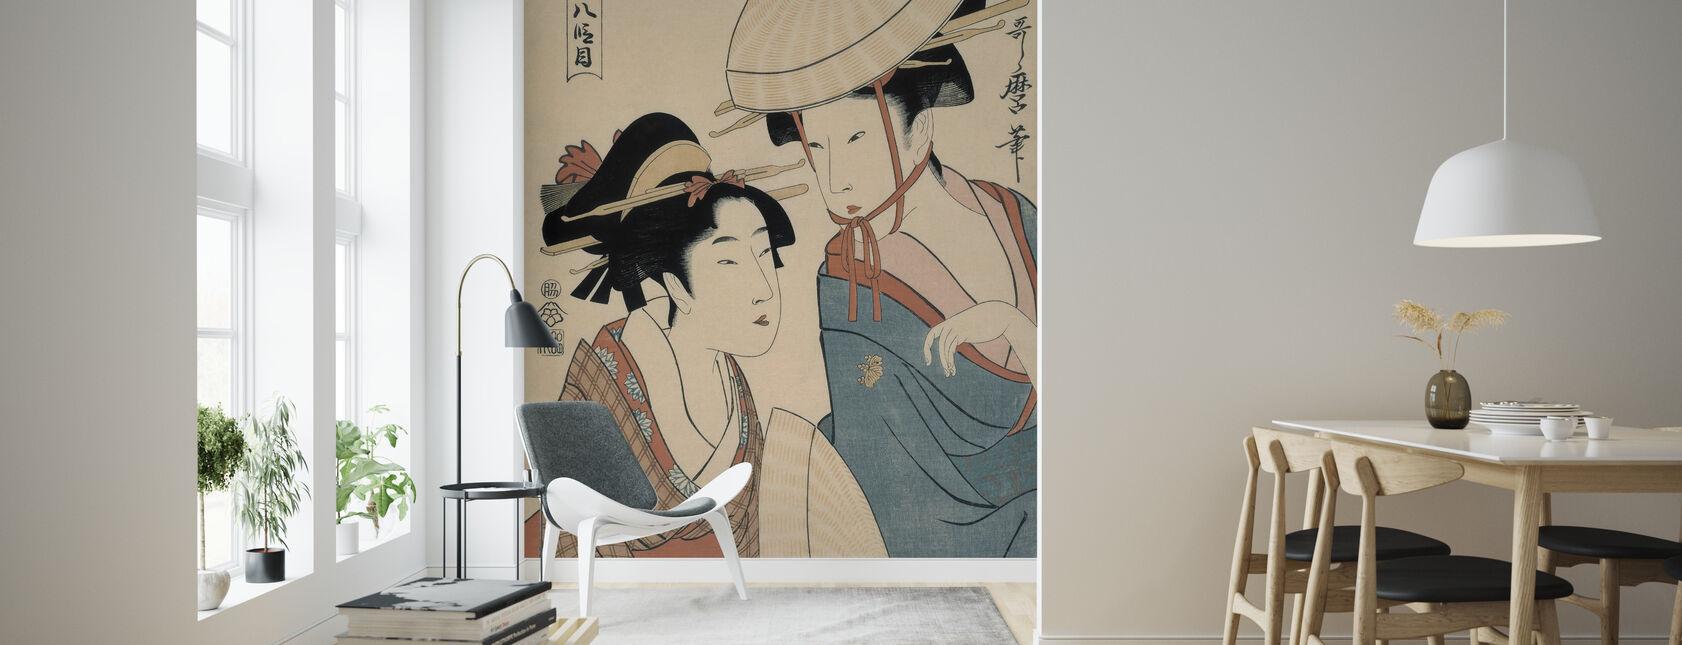 Takamizawa Hachi Damme - Kitagawa Utamaro - Wallpaper - Living Room